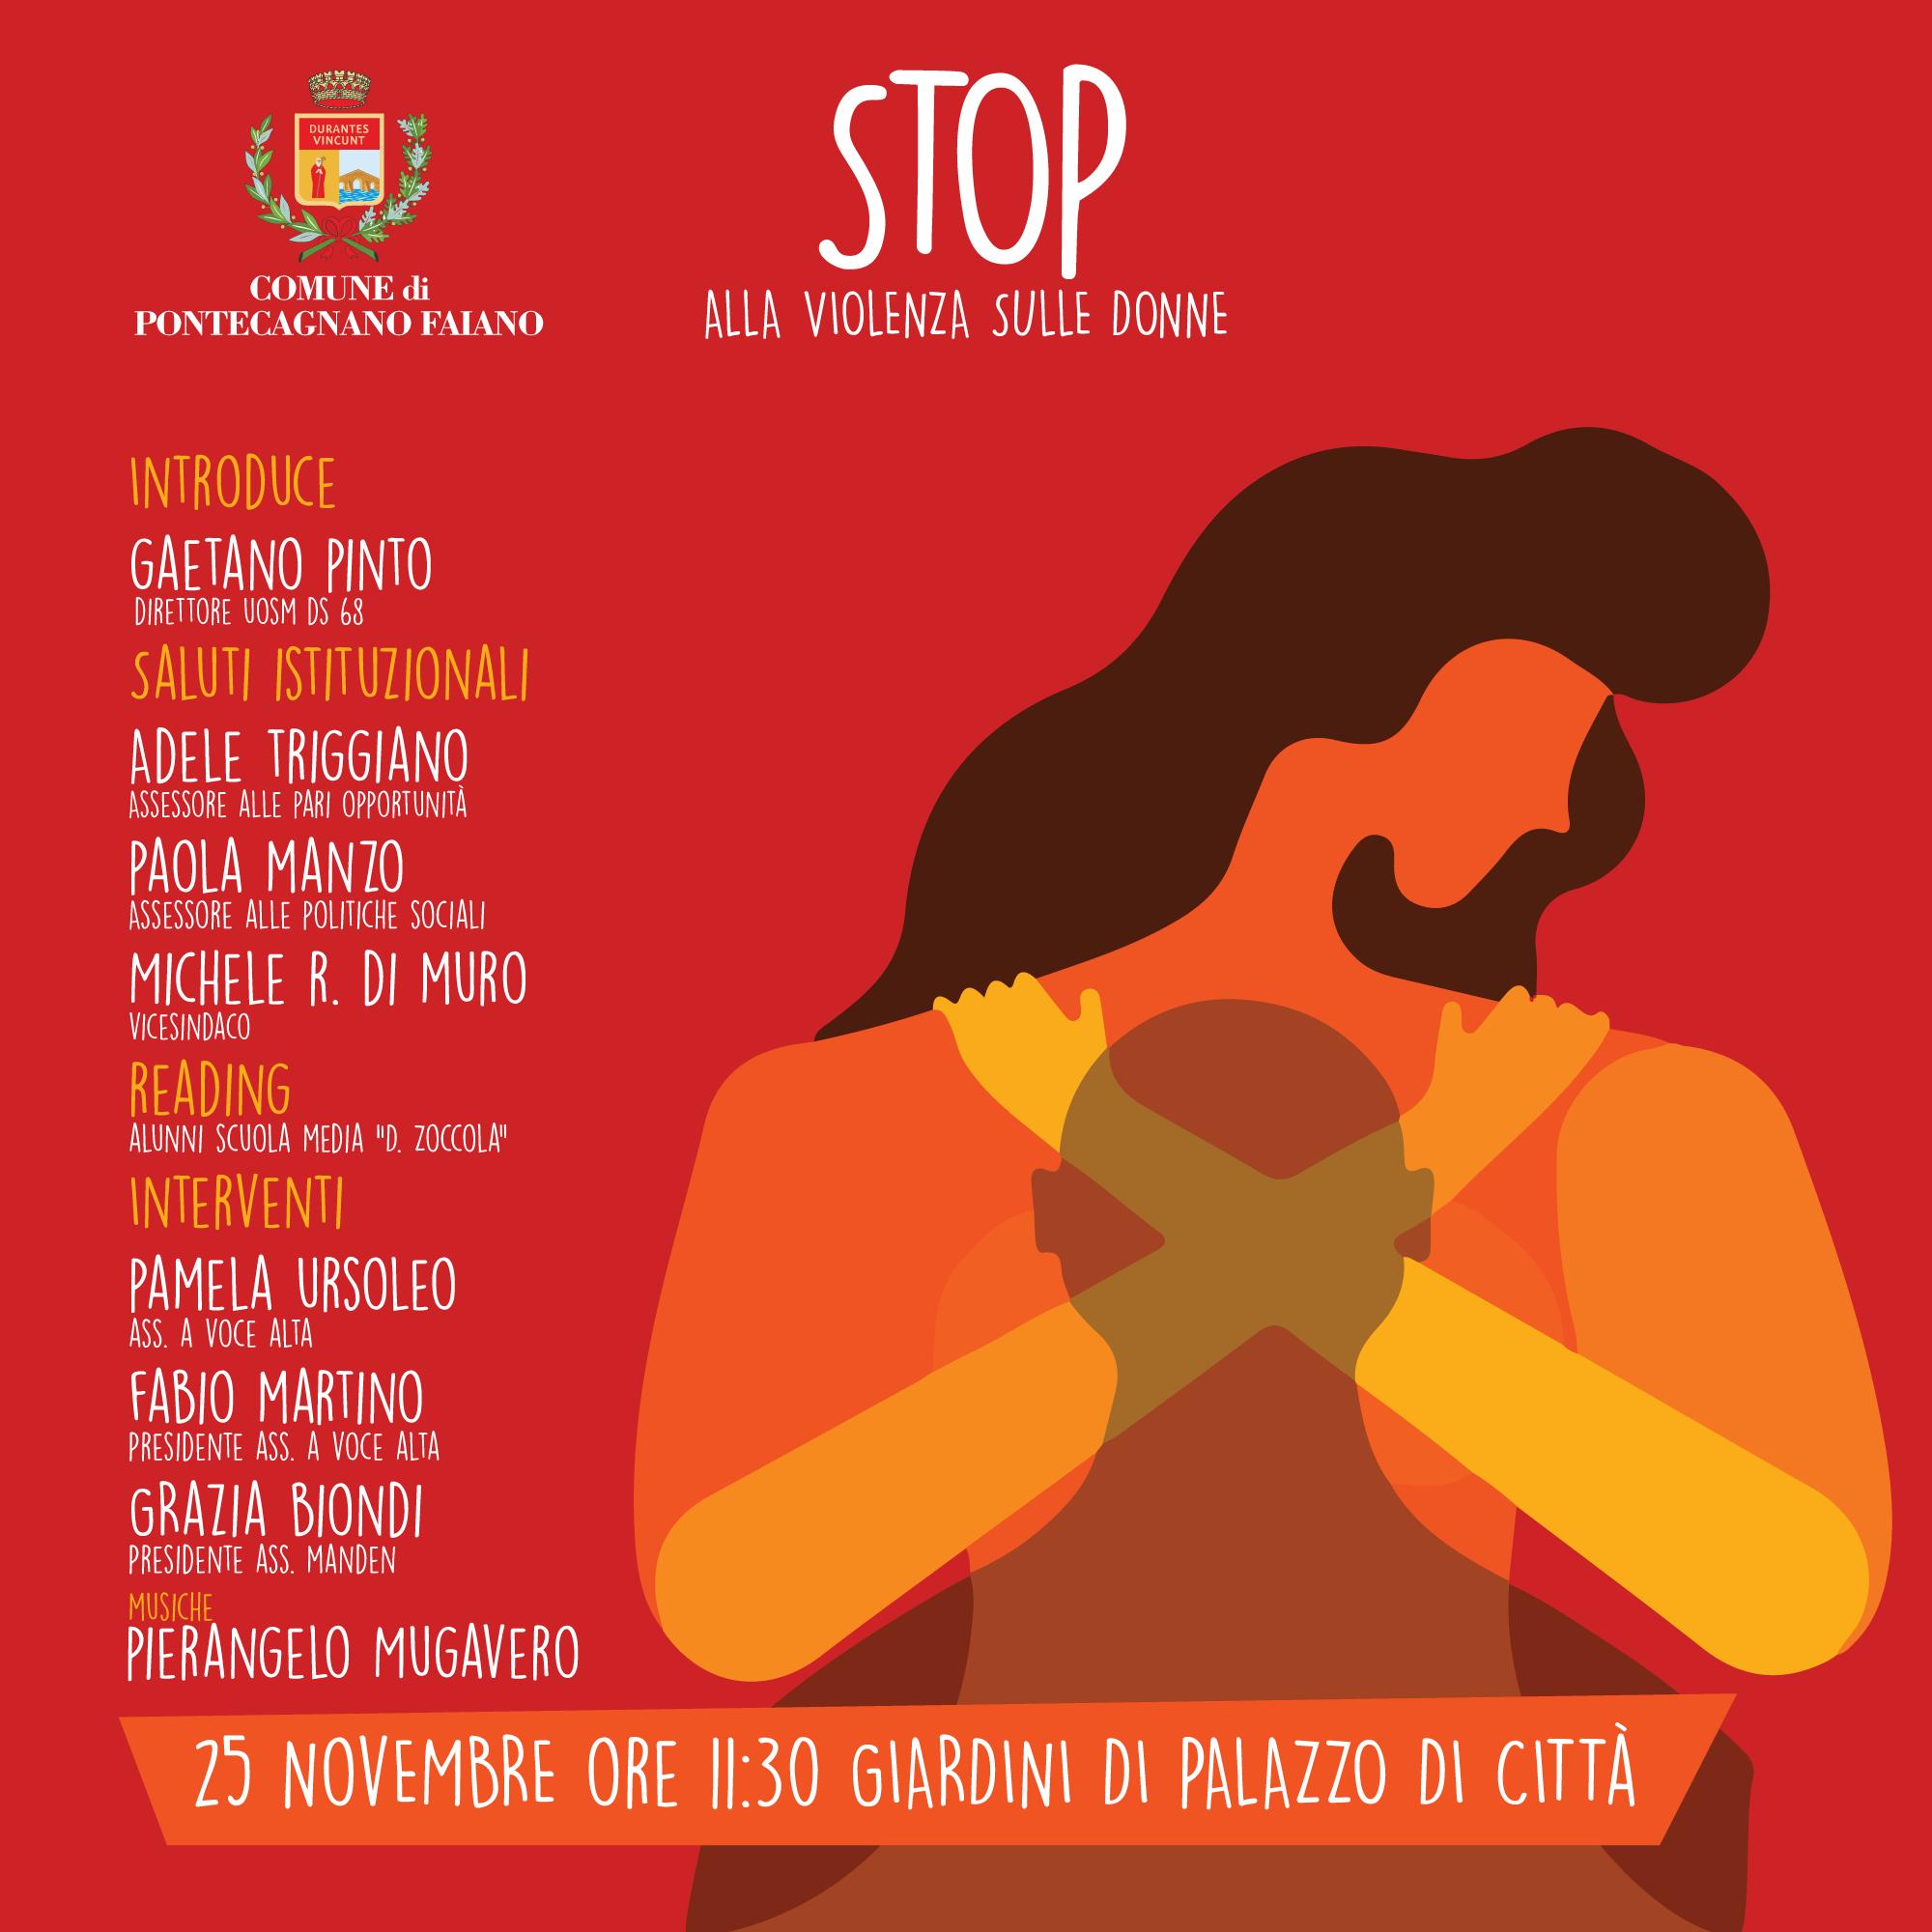 pontecagnano faiano stop alla violenza sulle donne politicademente il blog di massimo del mese politicademente